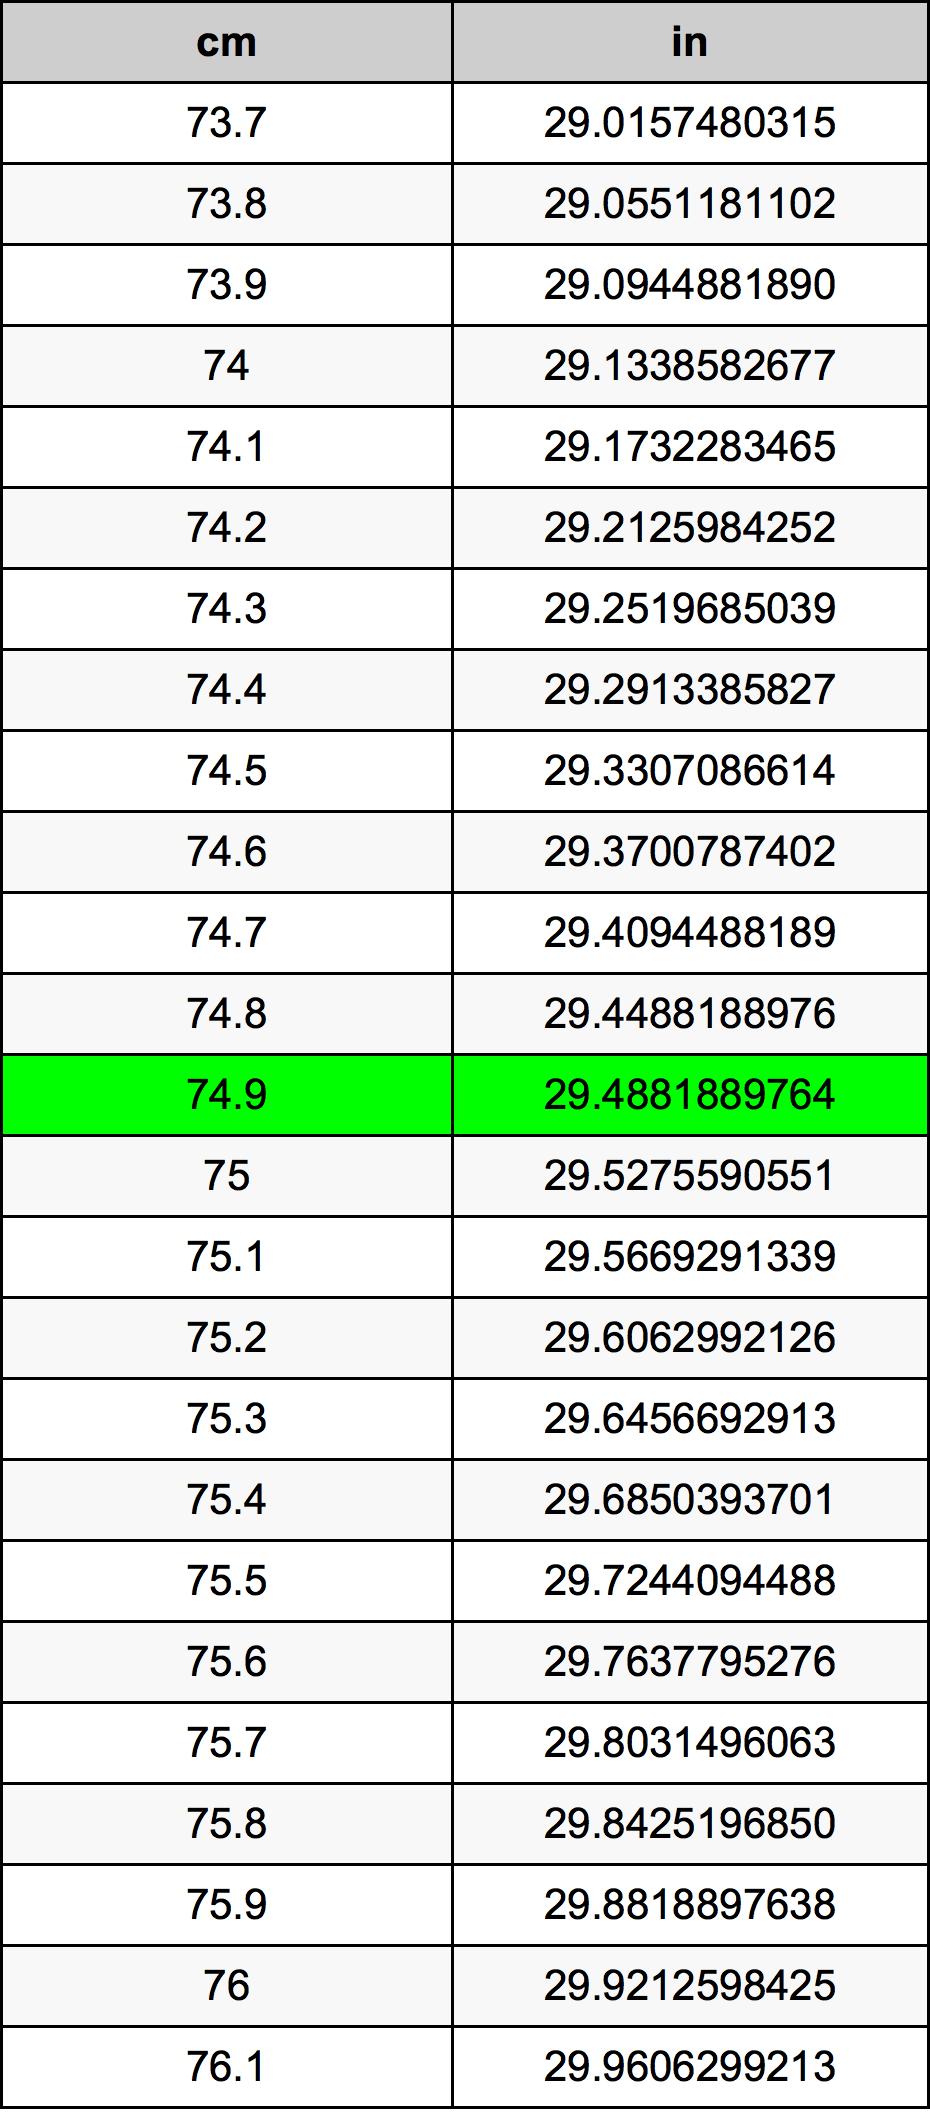 74.9 Zentimeter Umrechnungstabelle